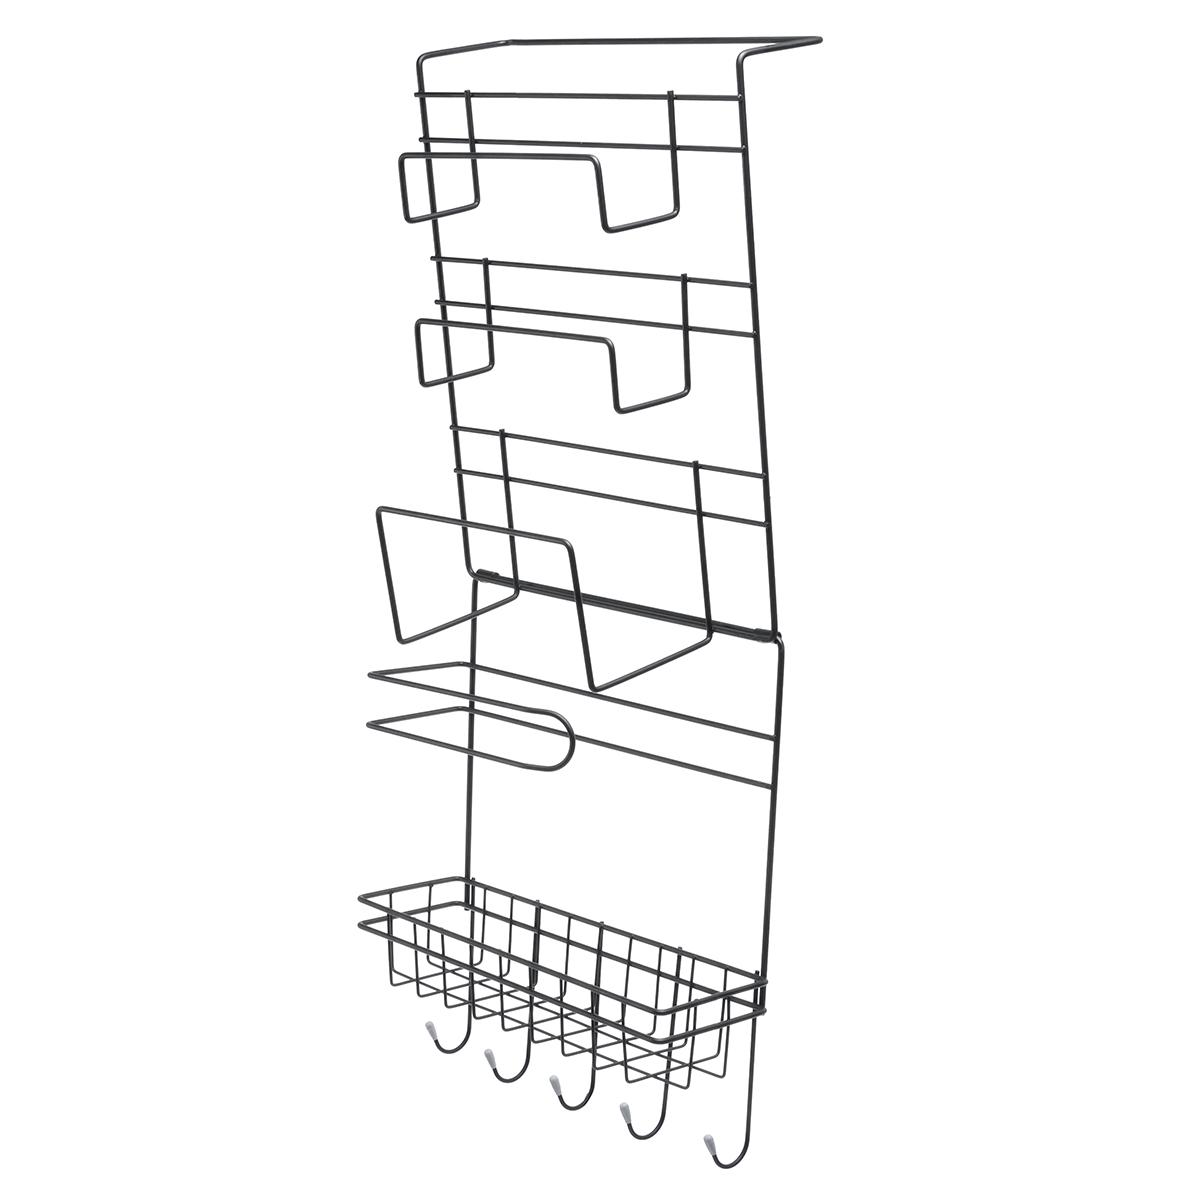 5 Tiers Iron Wall Mount Kitchen Freezer Door Spice Rack Storage Shelf Cabinet Organizer Fridge Holder